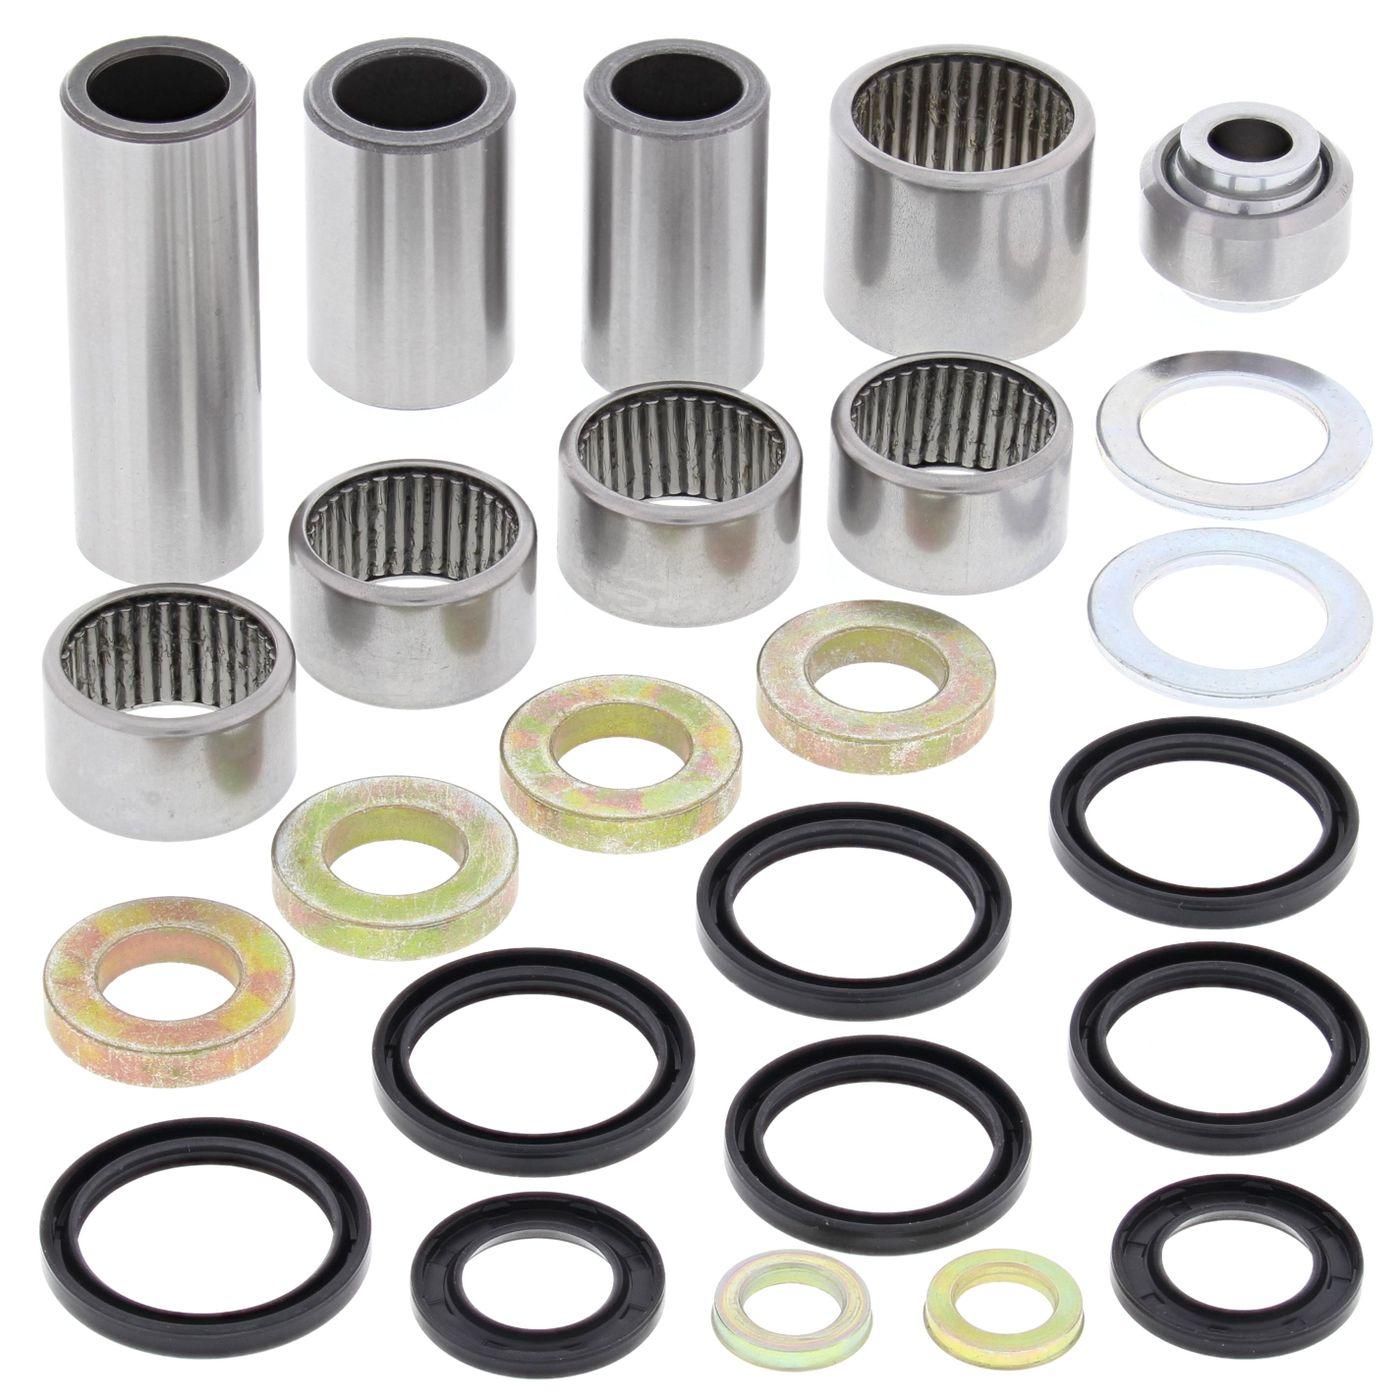 wrp shock linkage bearing kits - WRP271033 image